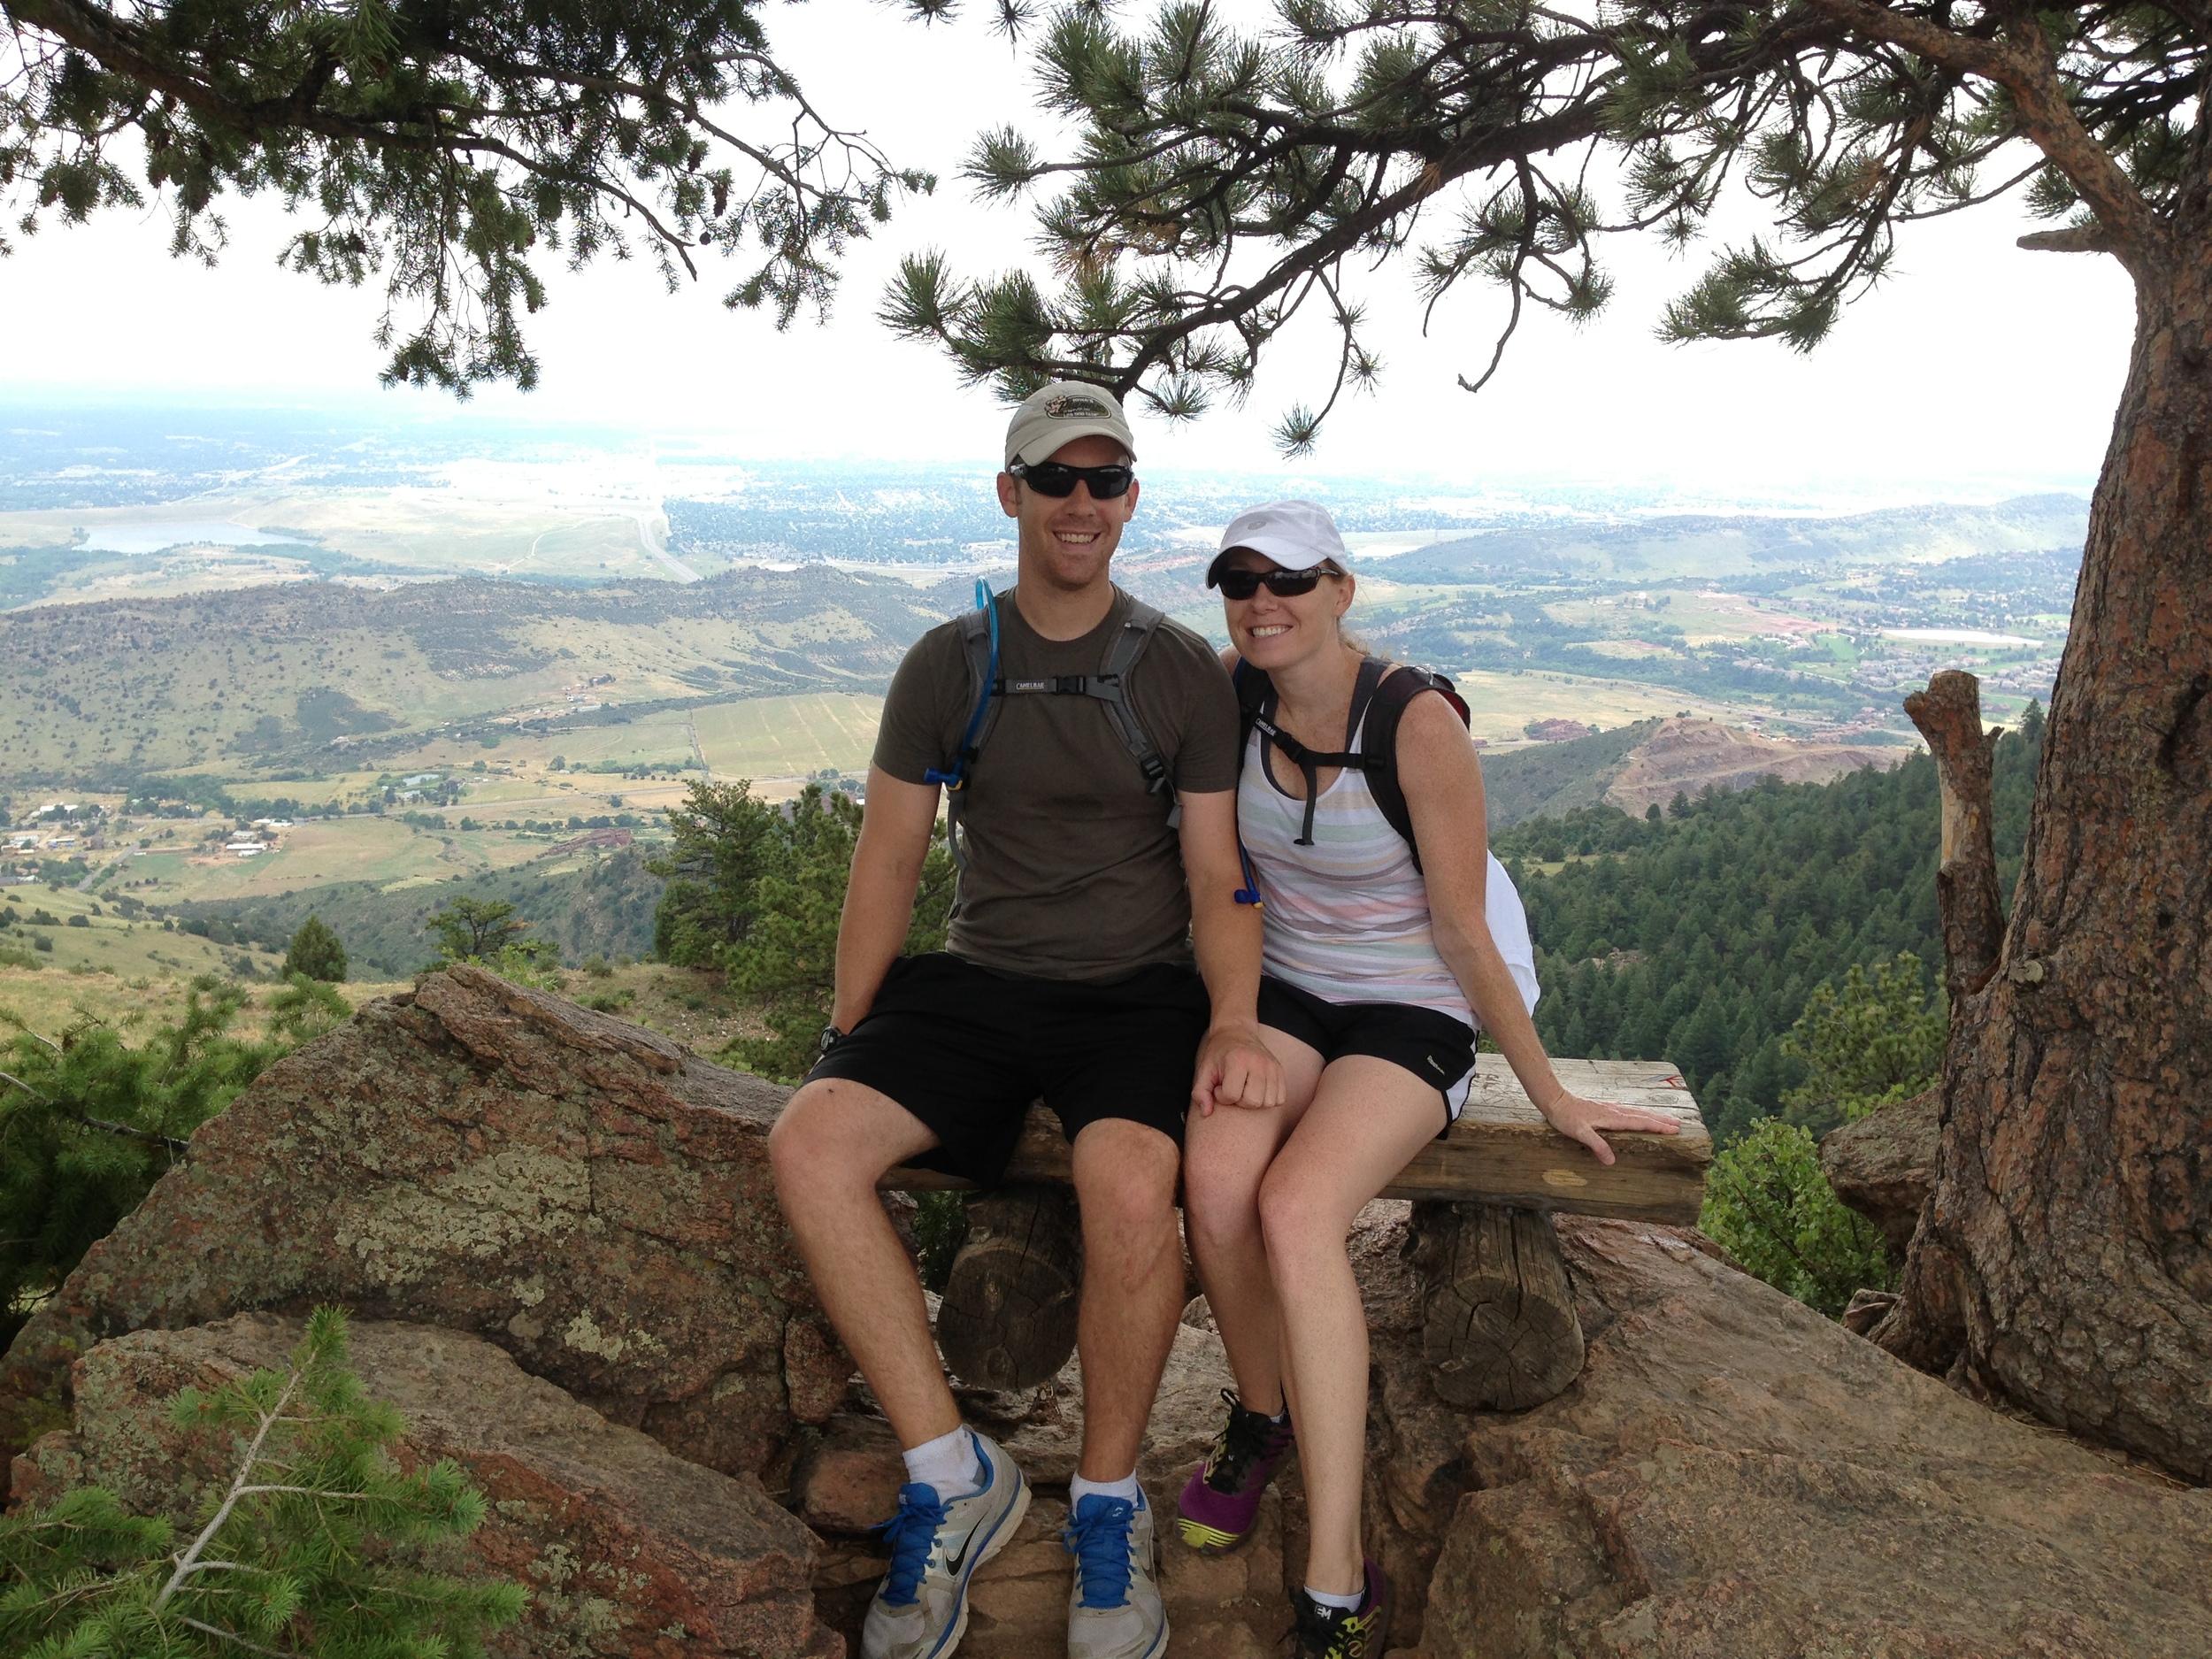 Kath_n_I_hiking_1.JPG